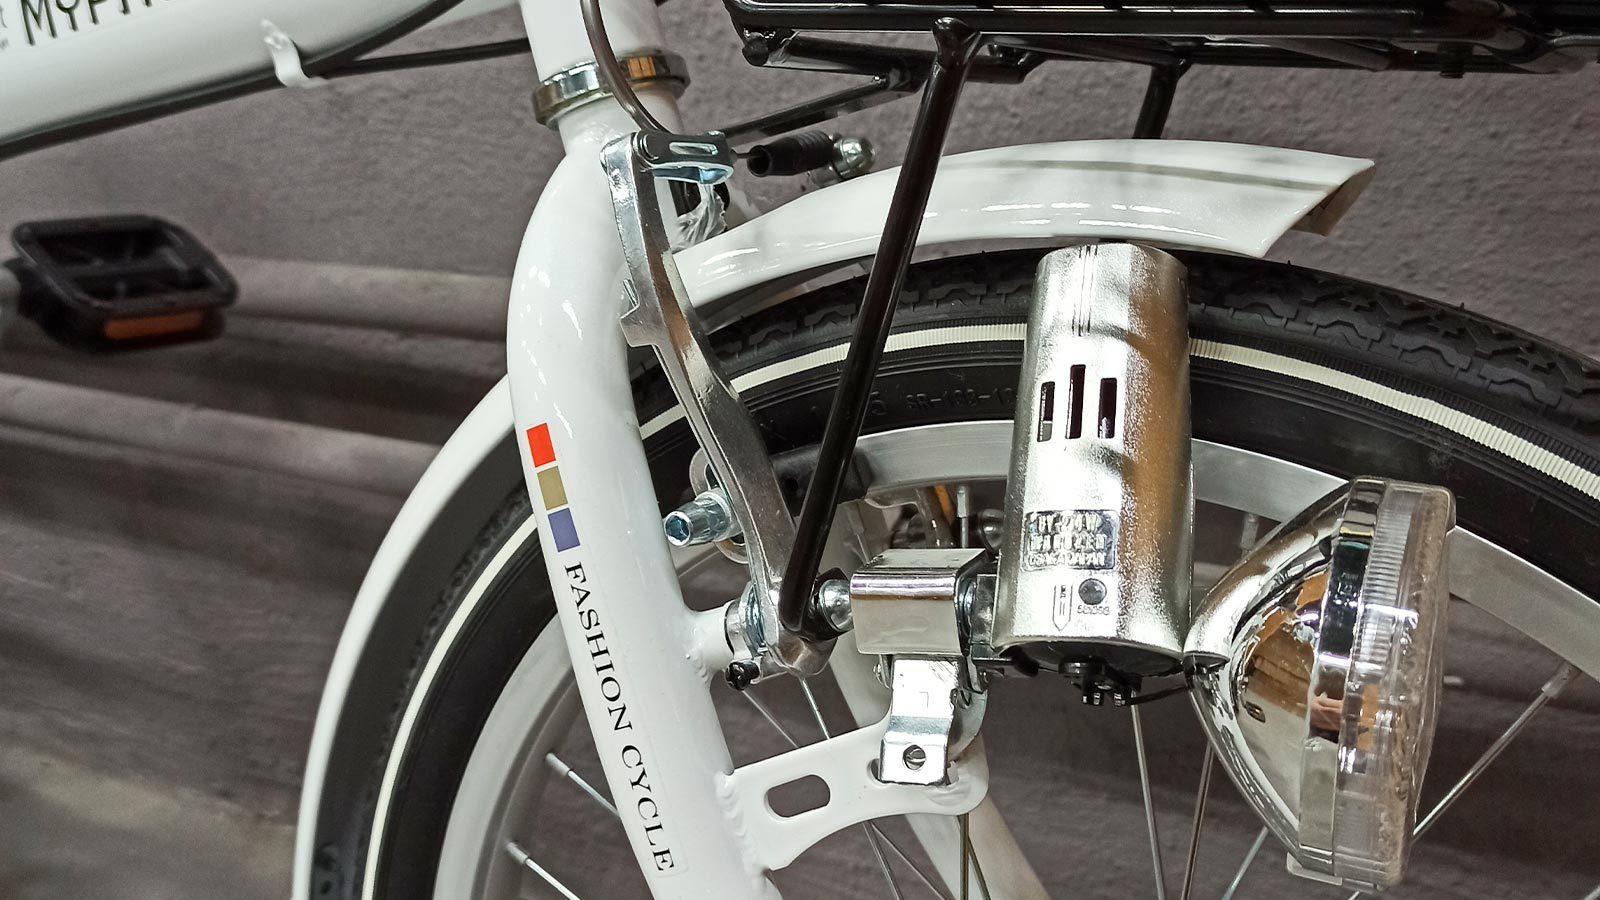 Вилка переднего колеса и фонарь складного велосипеда